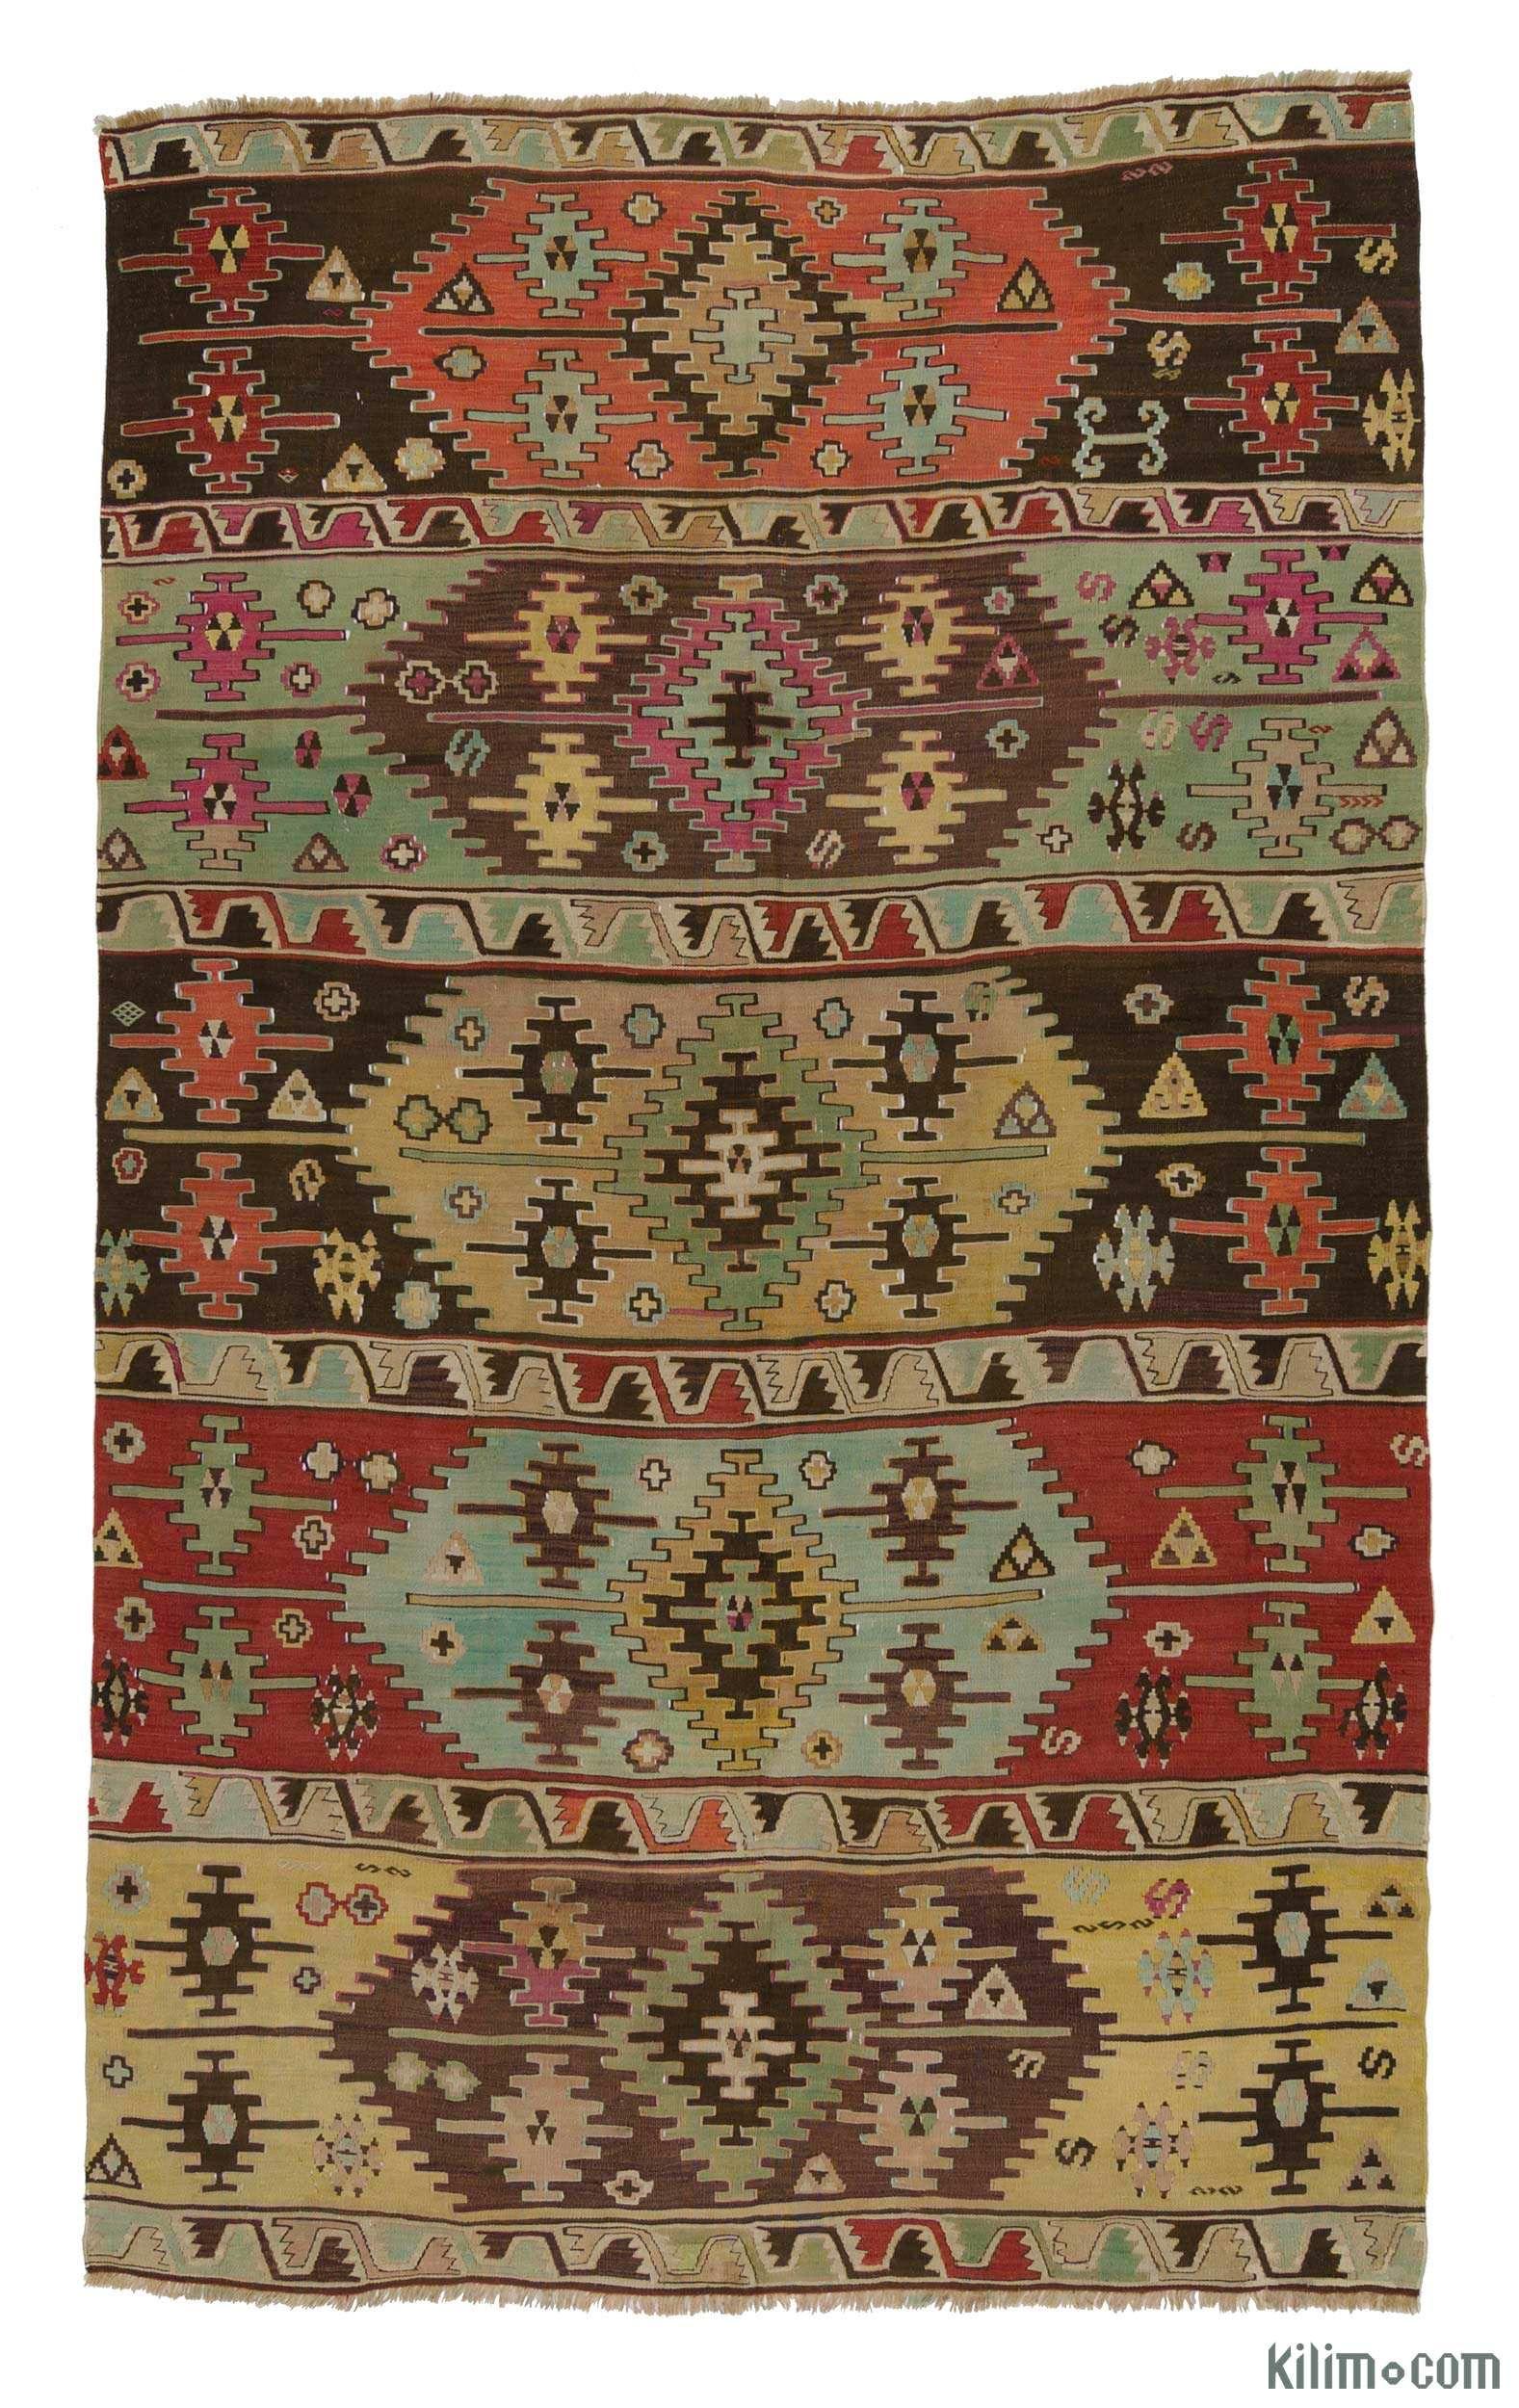 B2b Wholesale Designers Retailers Colorful Rugs Rugs Wool Area Rugs